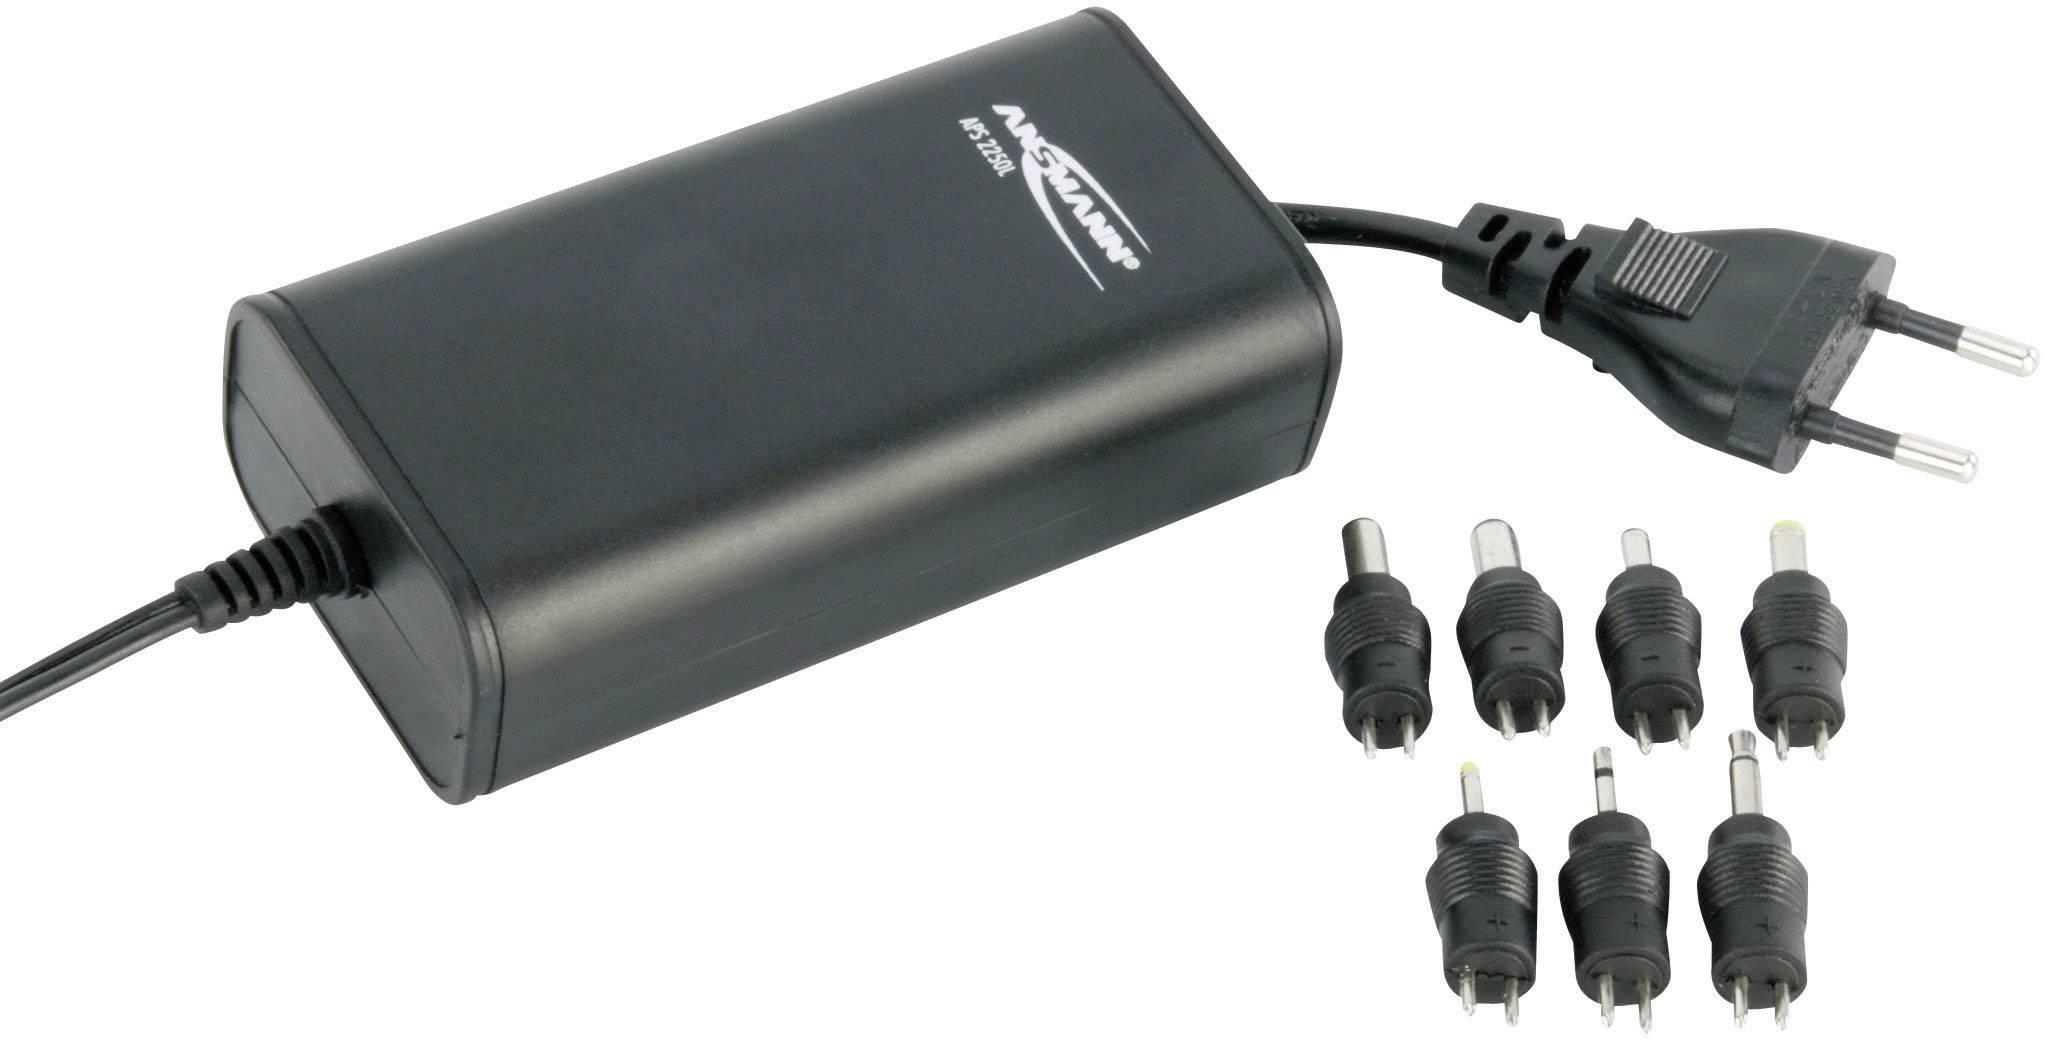 Univerzální síťový adaptér Ansmann APS2250L, 5 - 15 VDC, 27 W